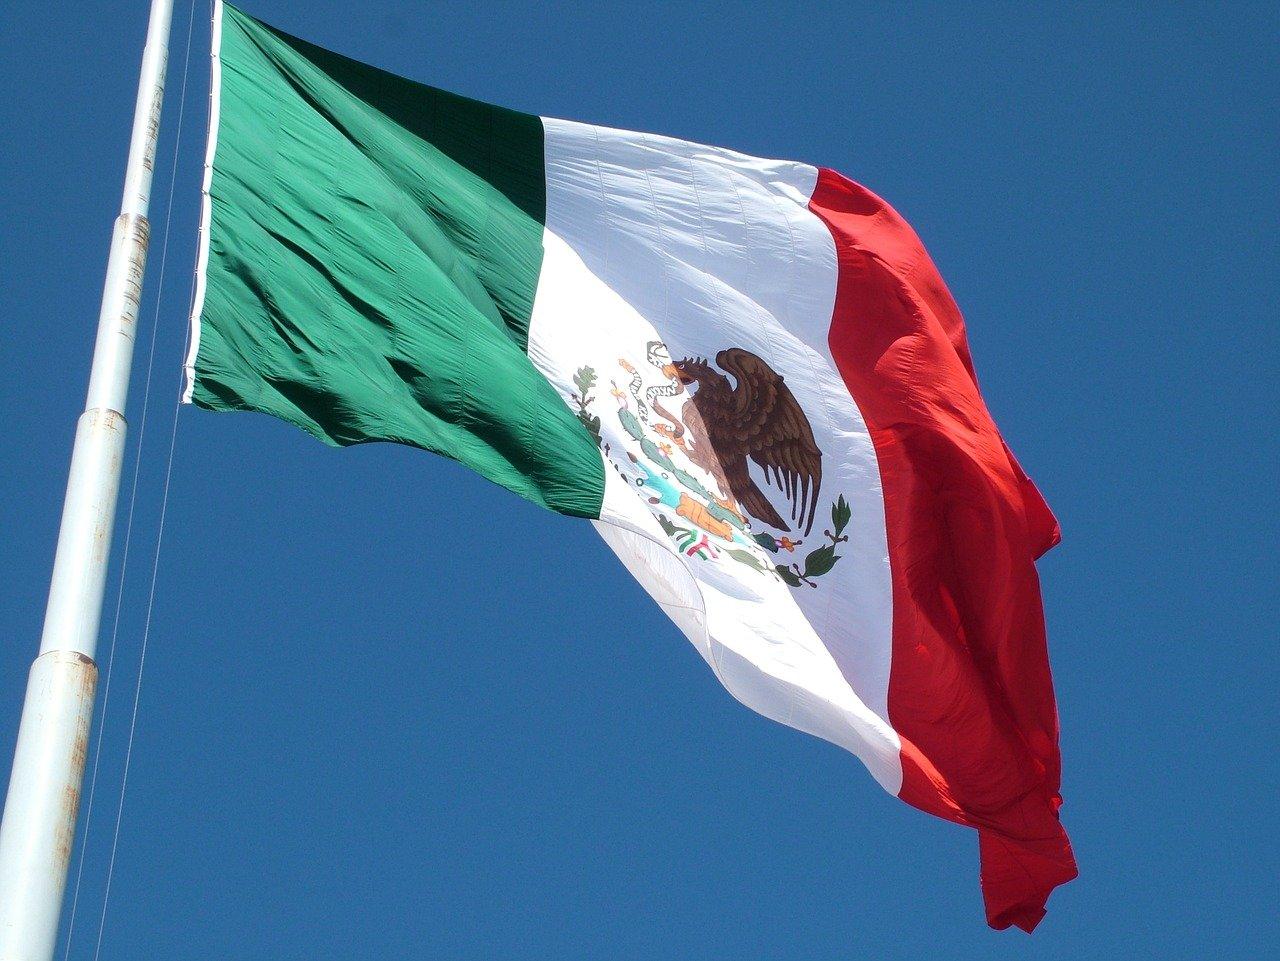 Legisladores mexicanos solicitan despojar al gobernador de inmunidad por presuntos vínculos con el crimen organizado